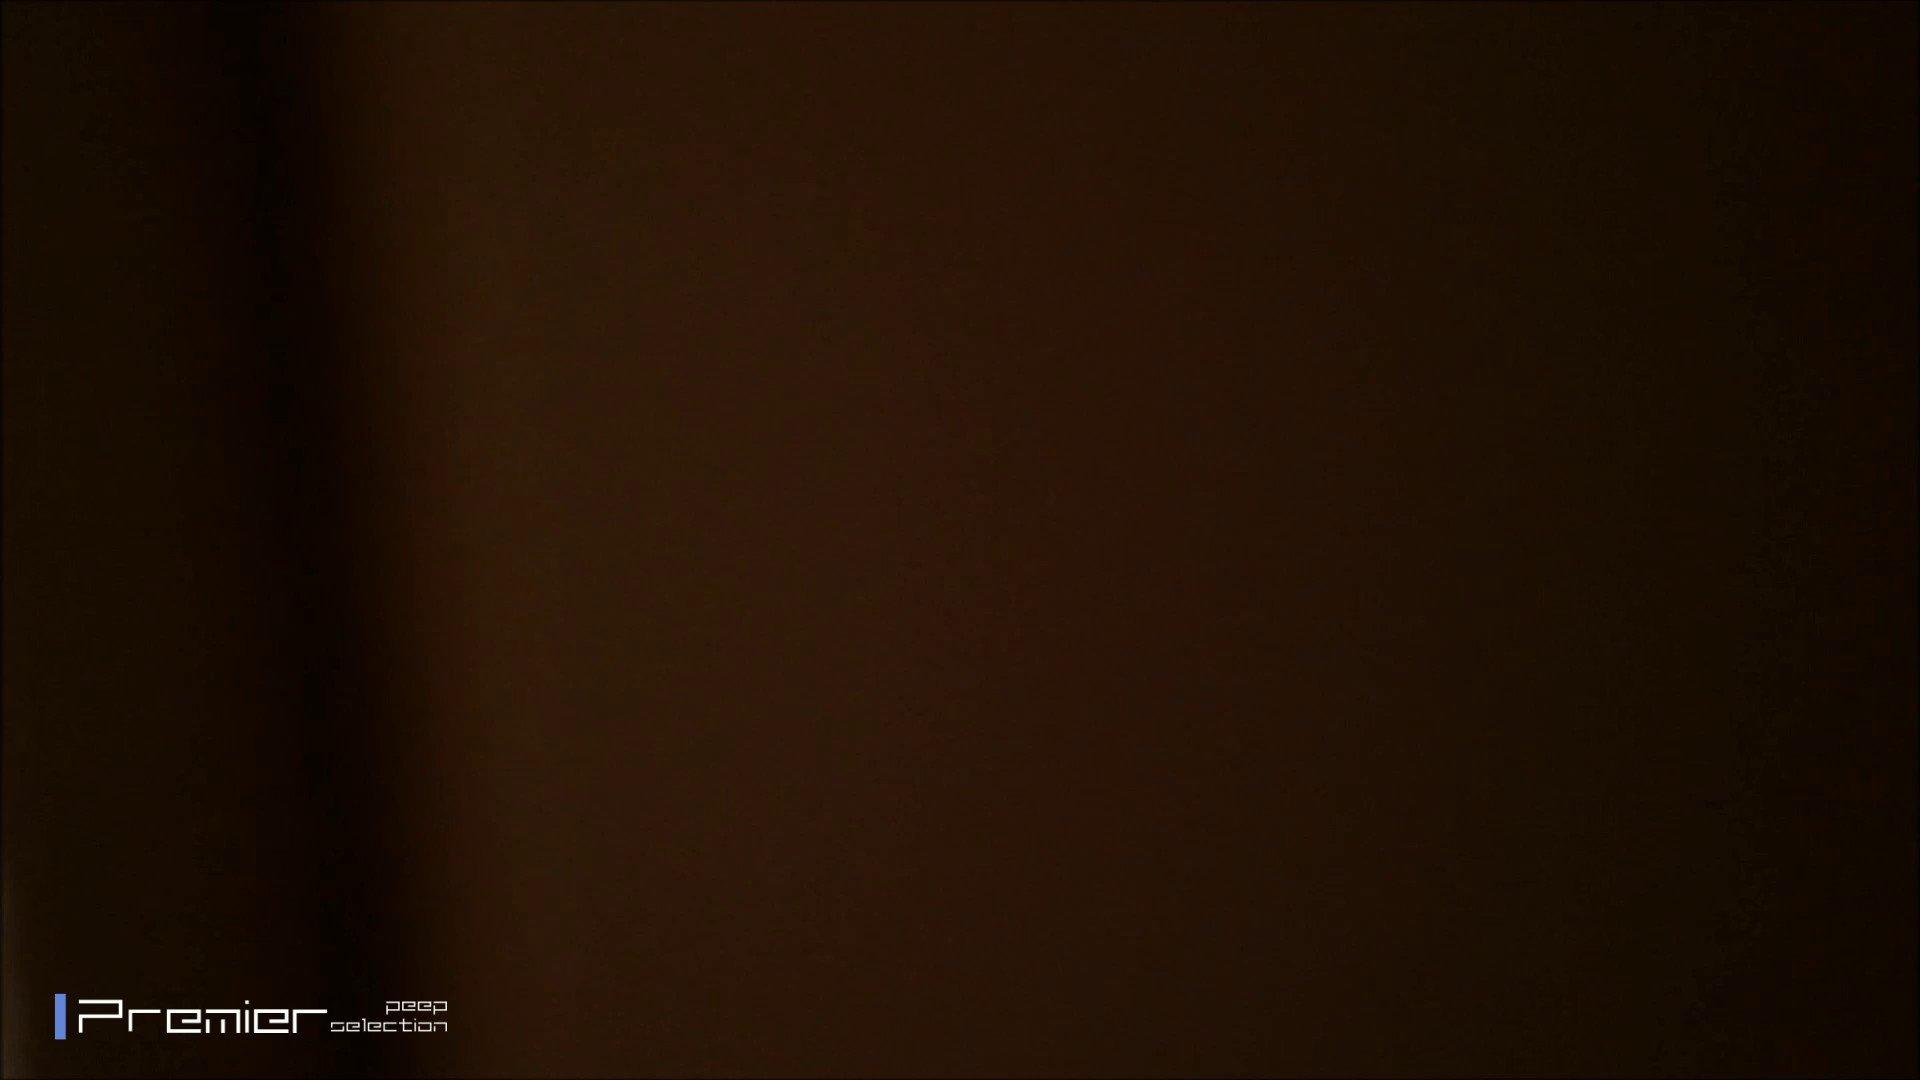 シャワーのお湯を跳ね返すお肌 乙女の風呂場 Vol.03 桃色乳首 われめAV動画紹介 86画像 78